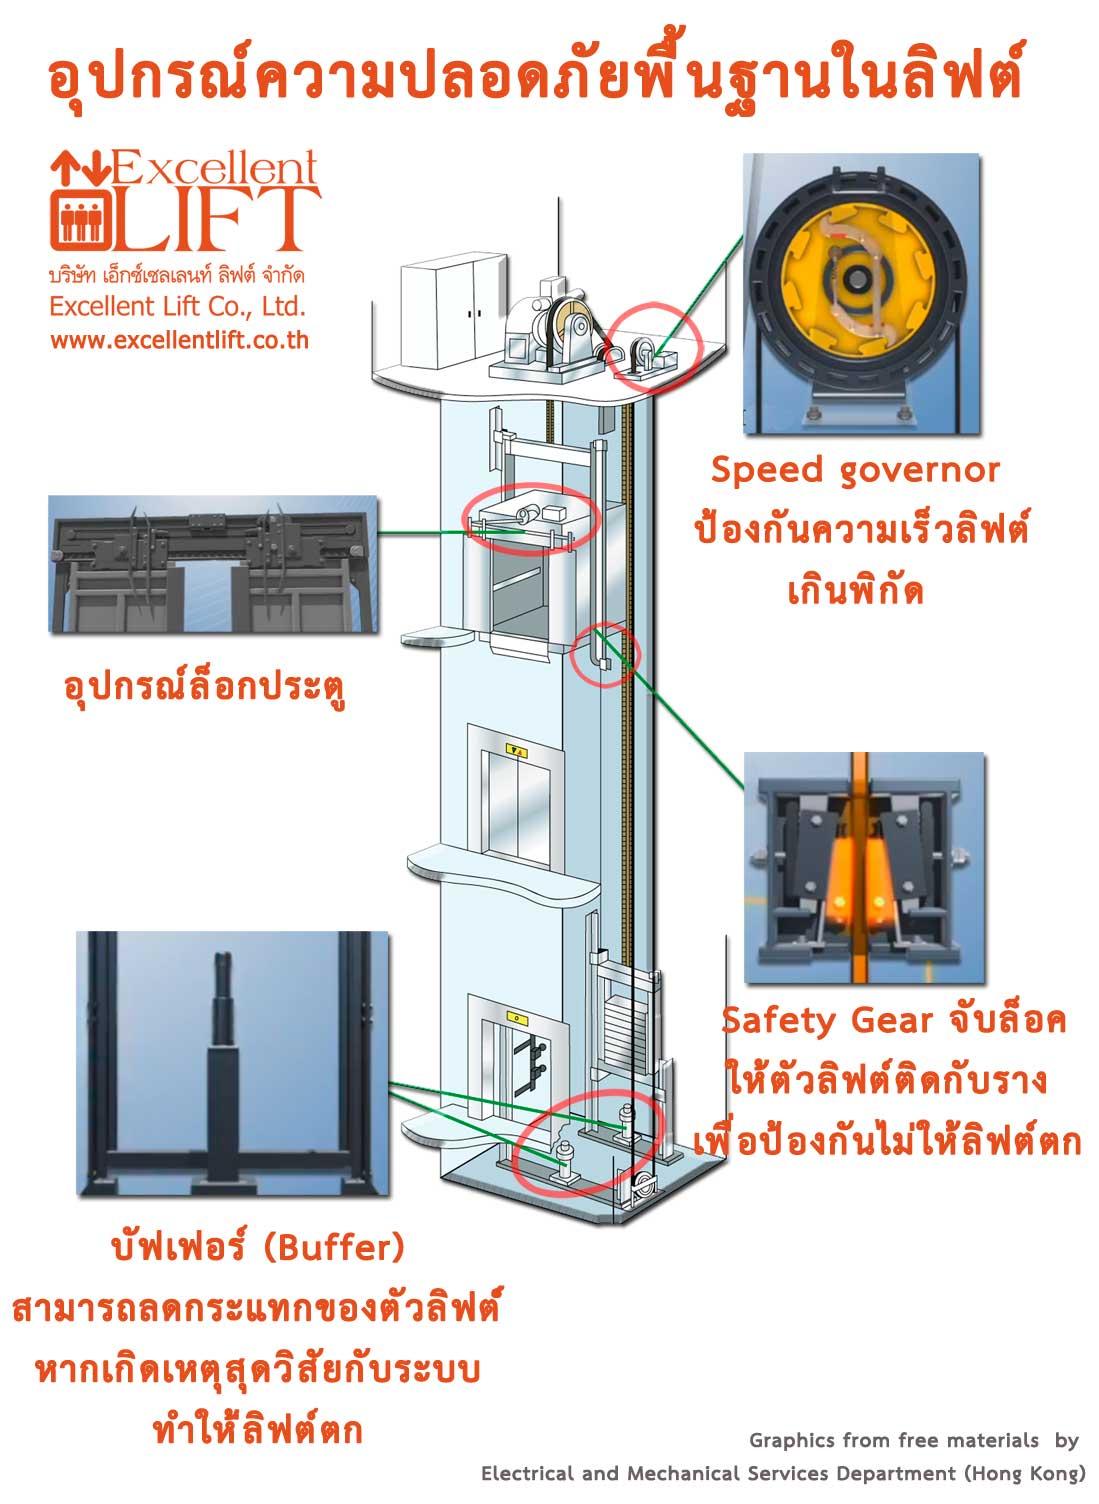 ระบบความปลอดภัยของลิฟท์